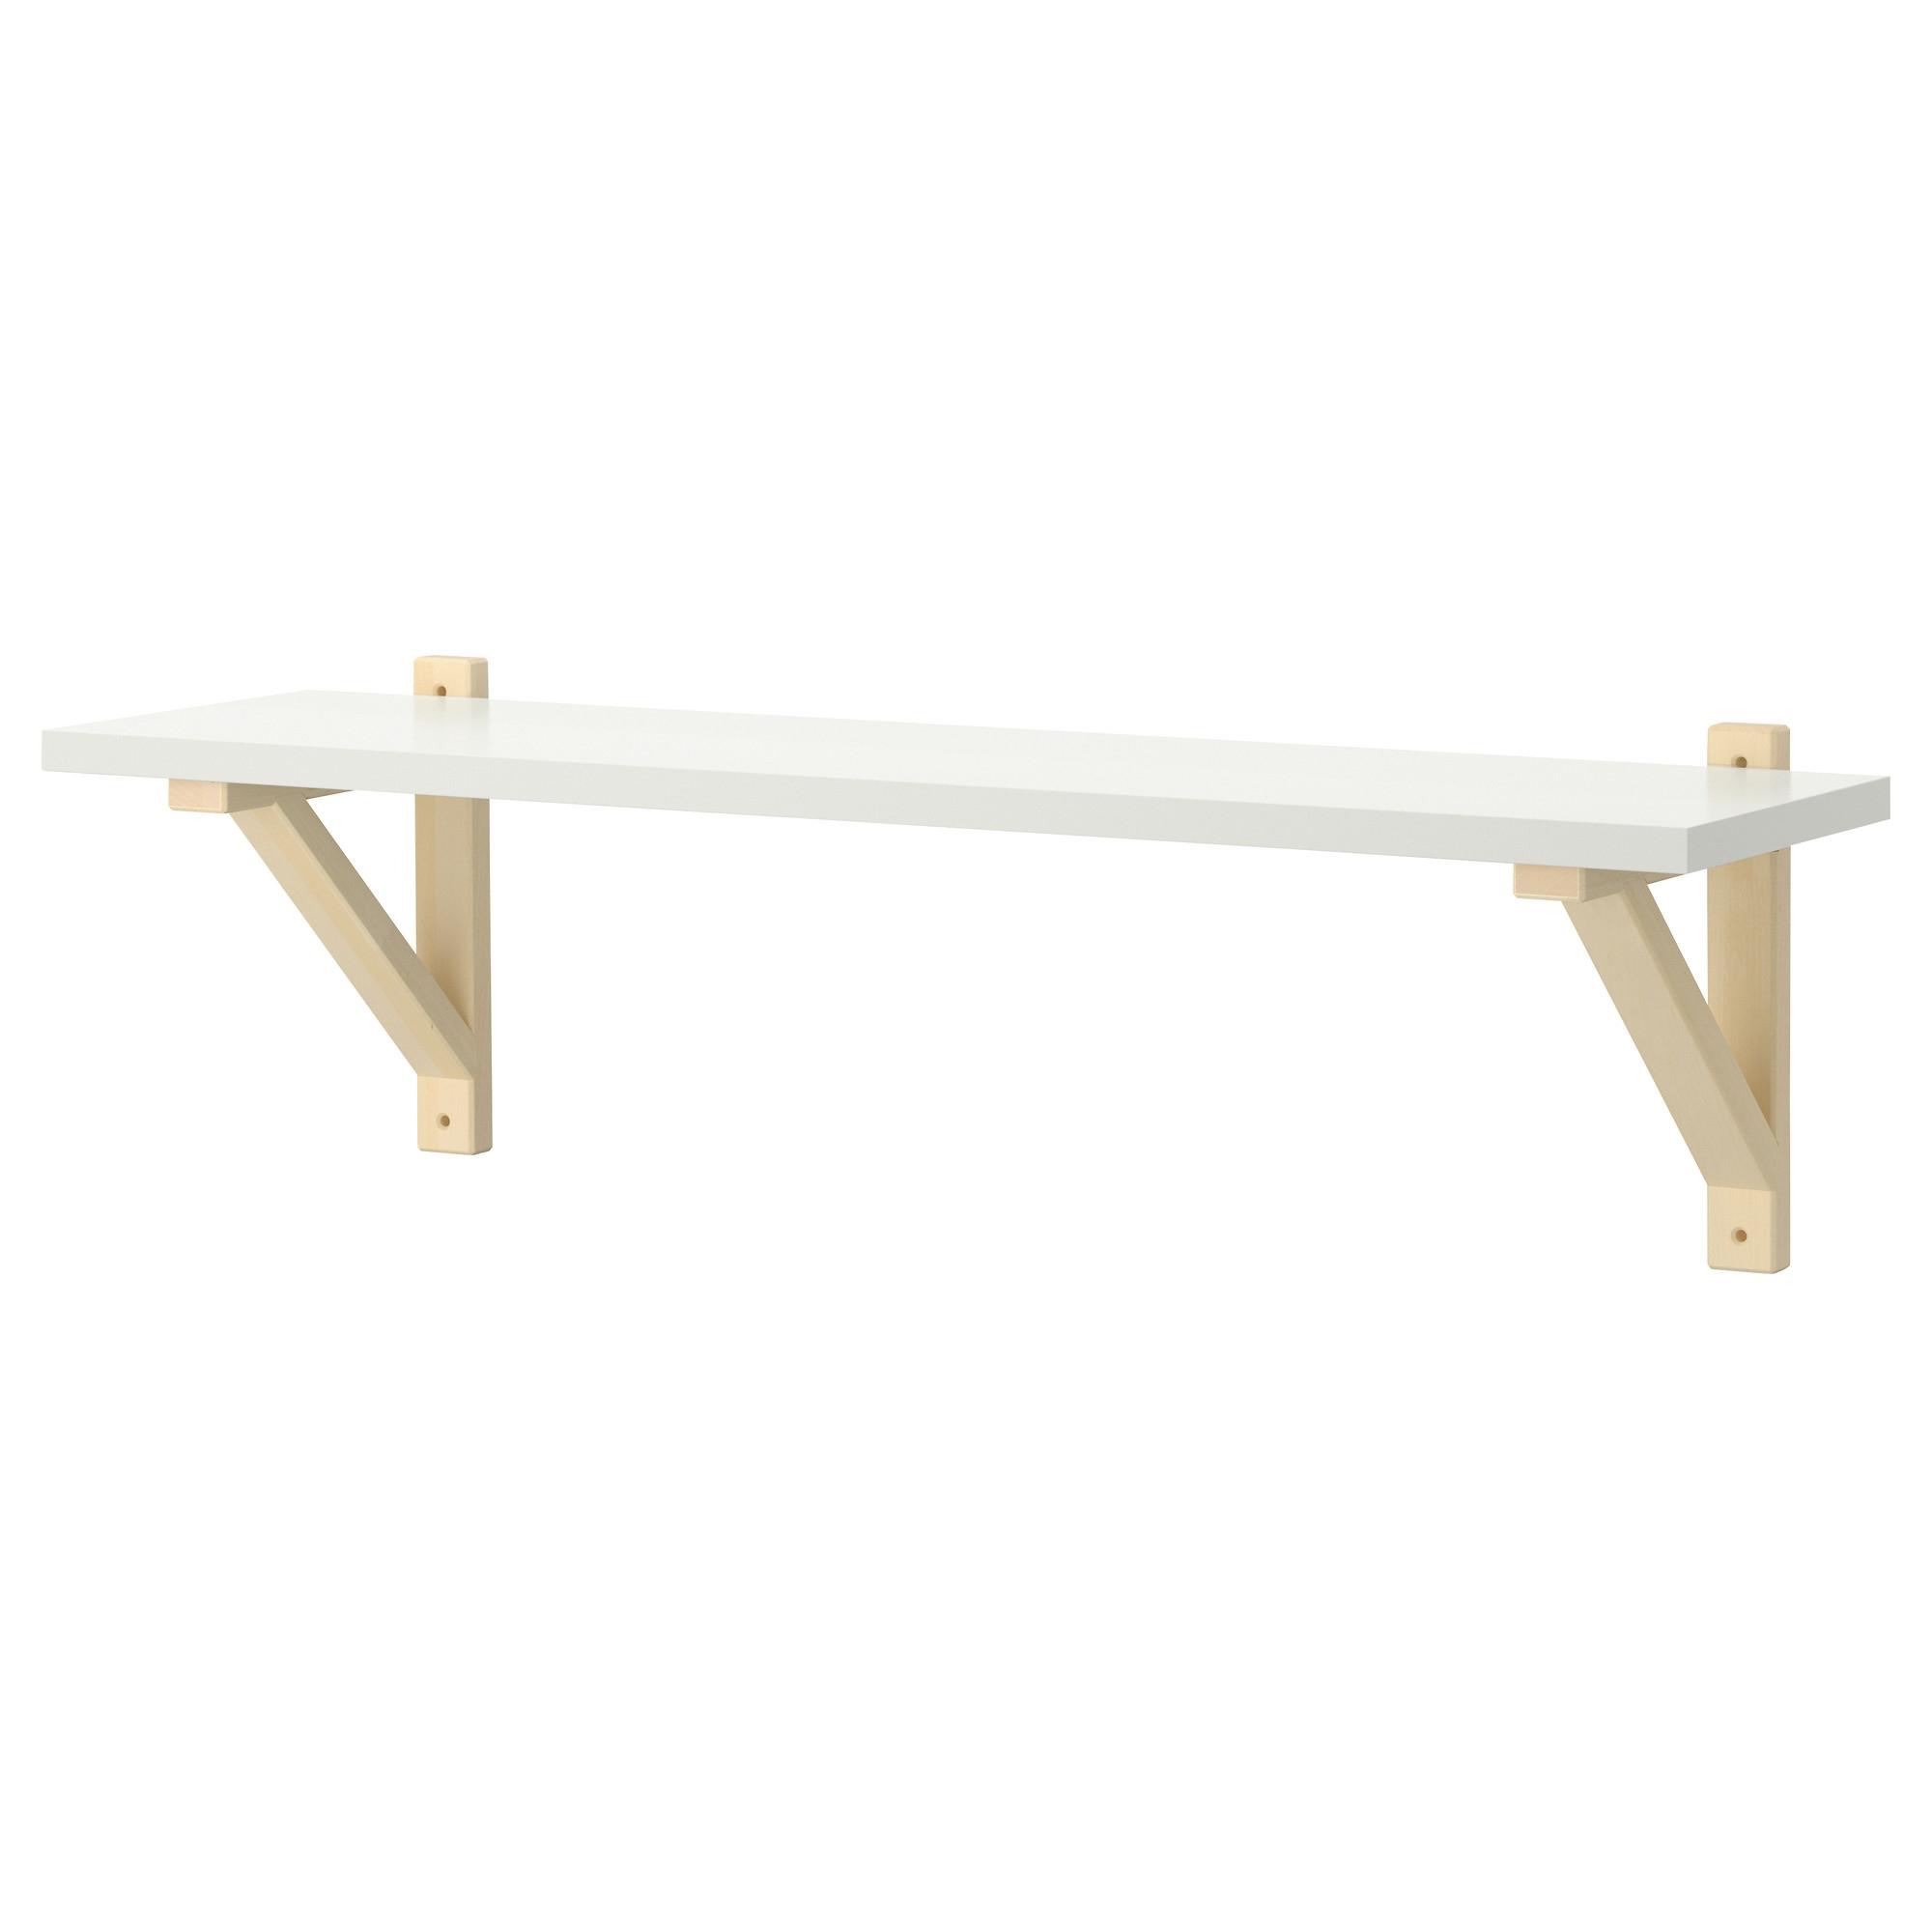 Ek Valterek Sten Wall Shelf Whitebirch 79×19 Cm Ikea In Wall Shelf (View 4 of 15)